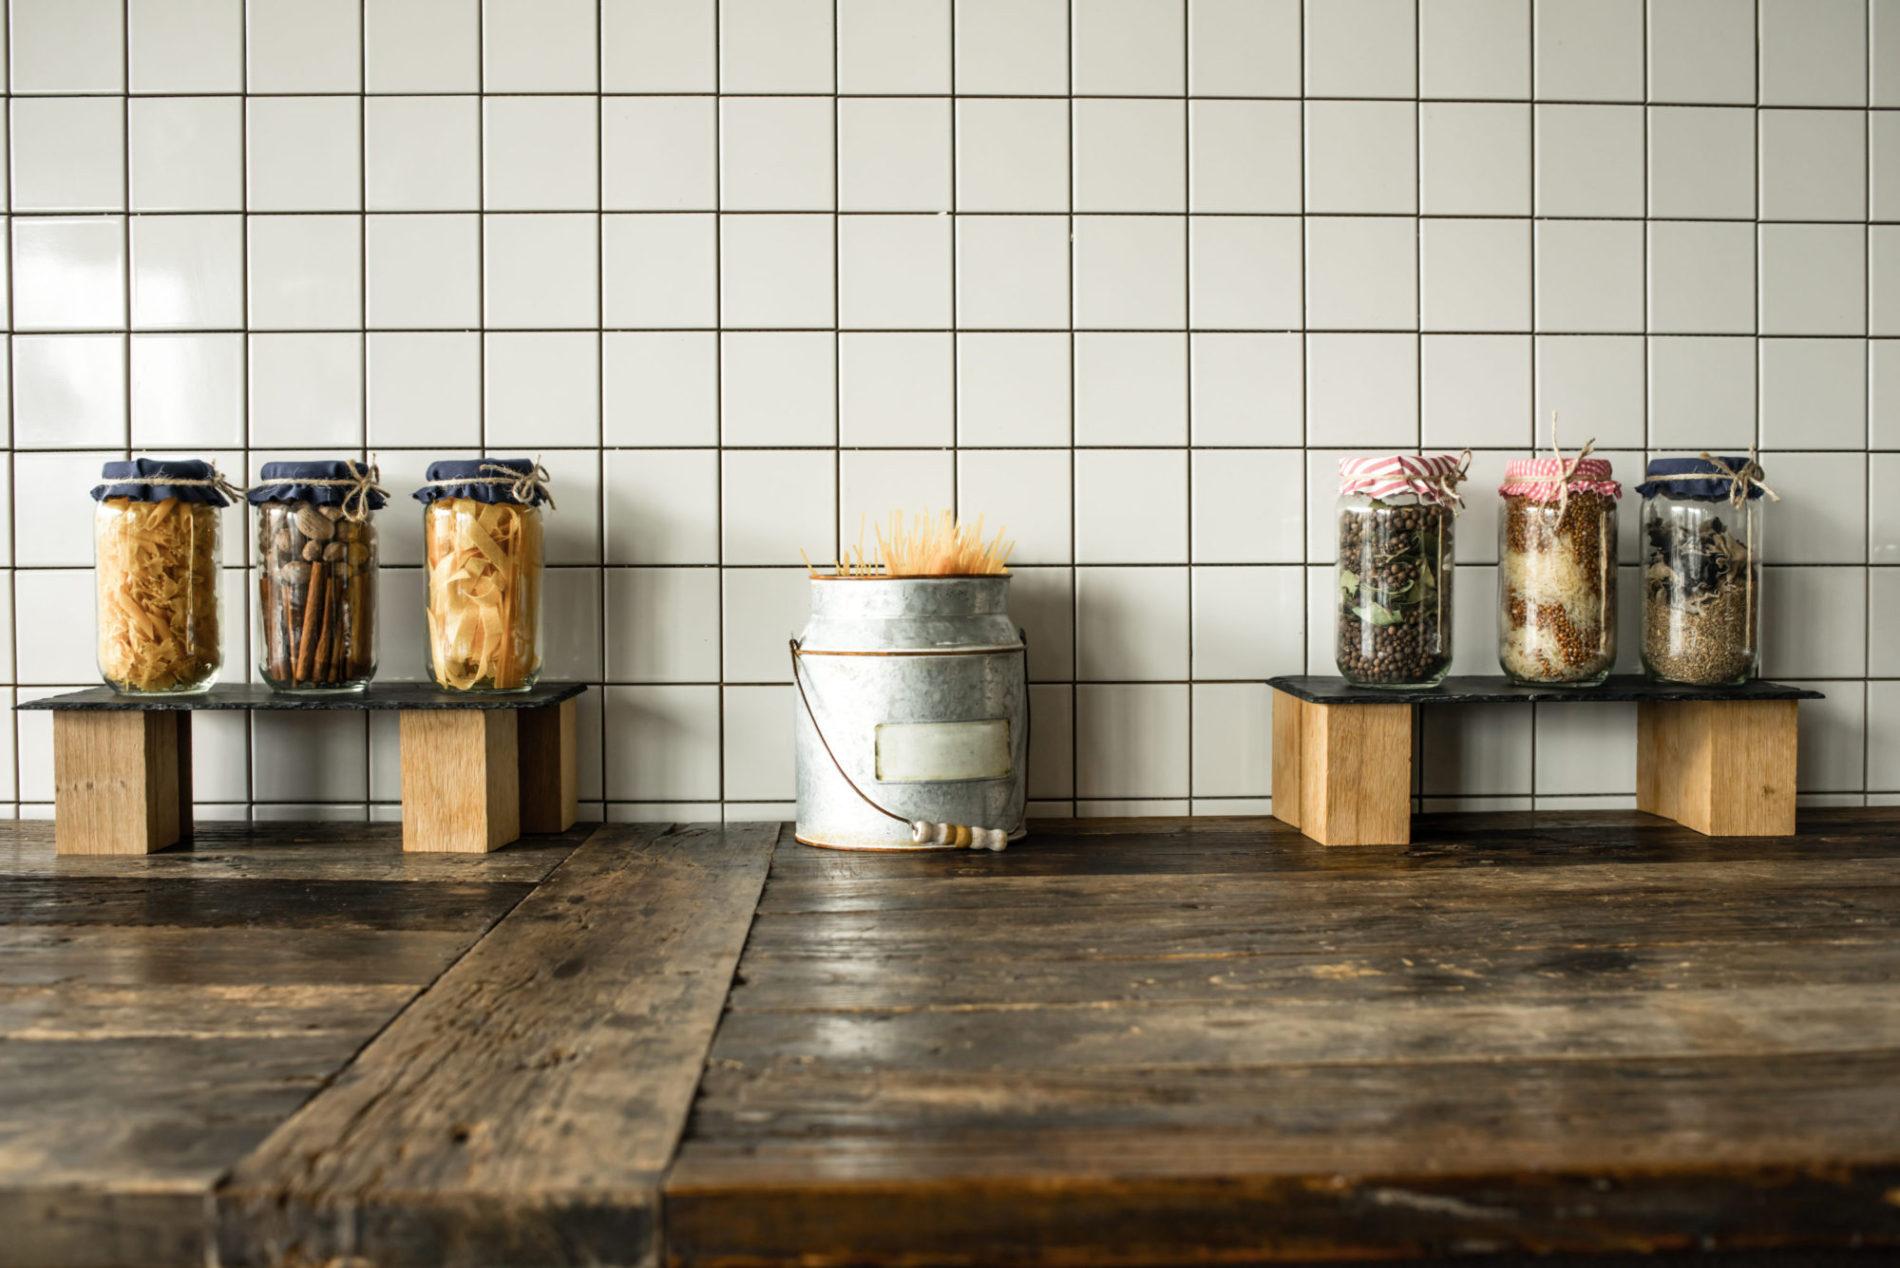 Dřevěná kuchyňská deska